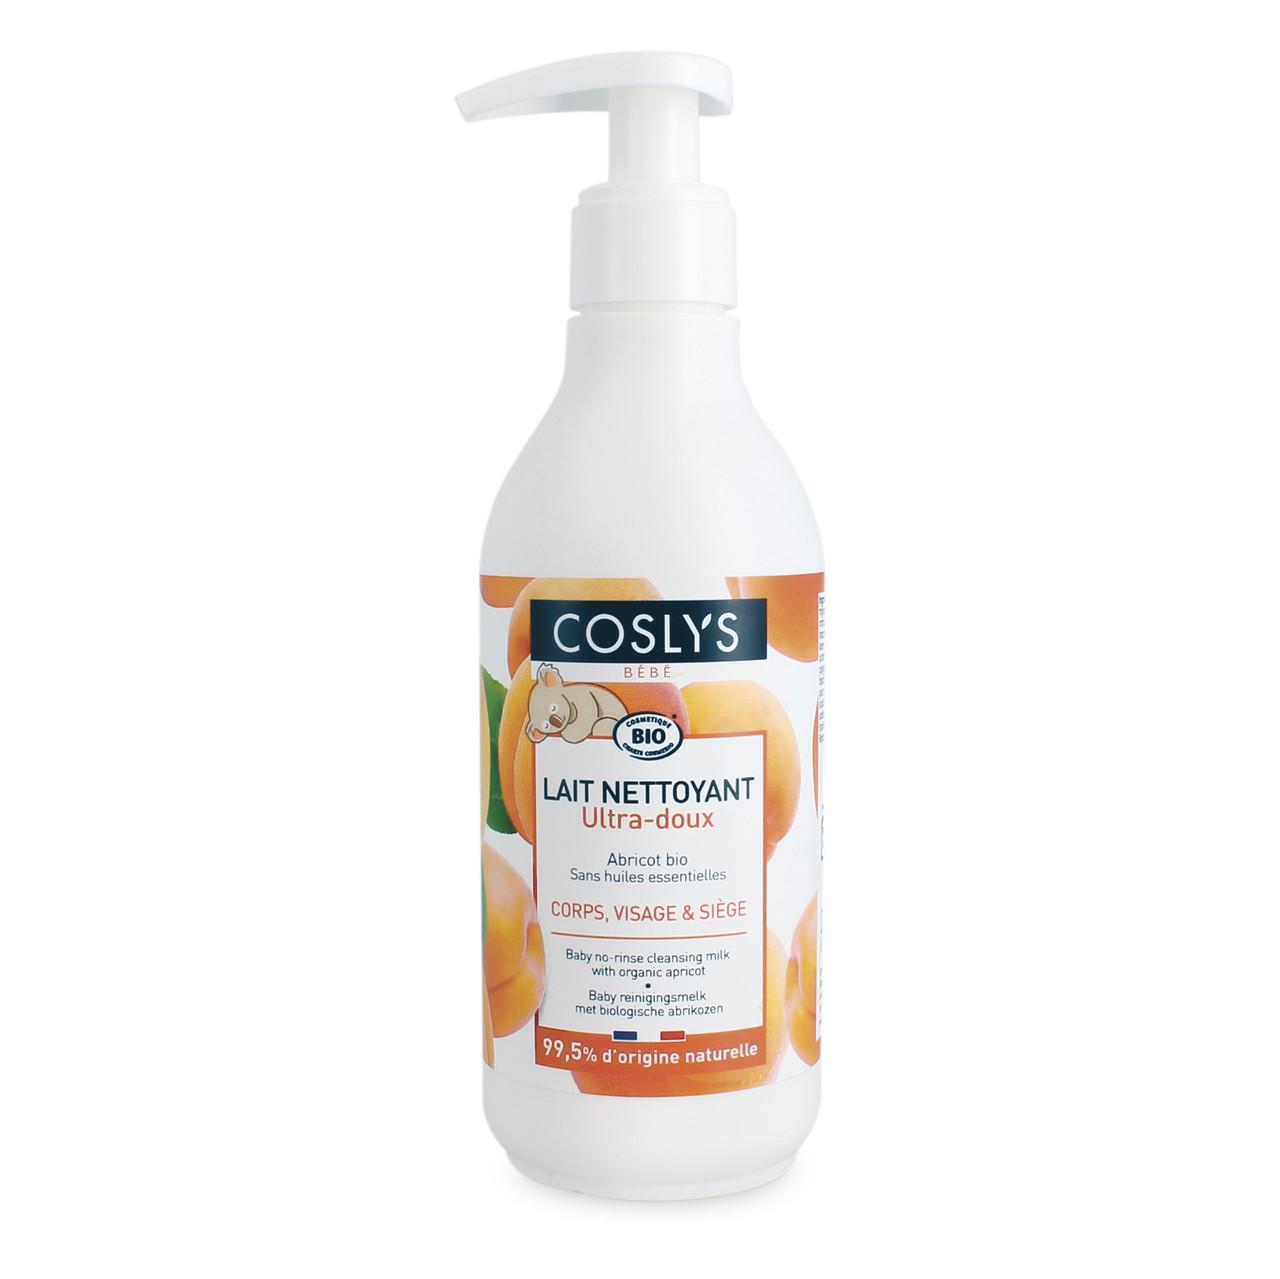 Очищающее детское молочко на основе органического абрикоса Coslys, 250 мл